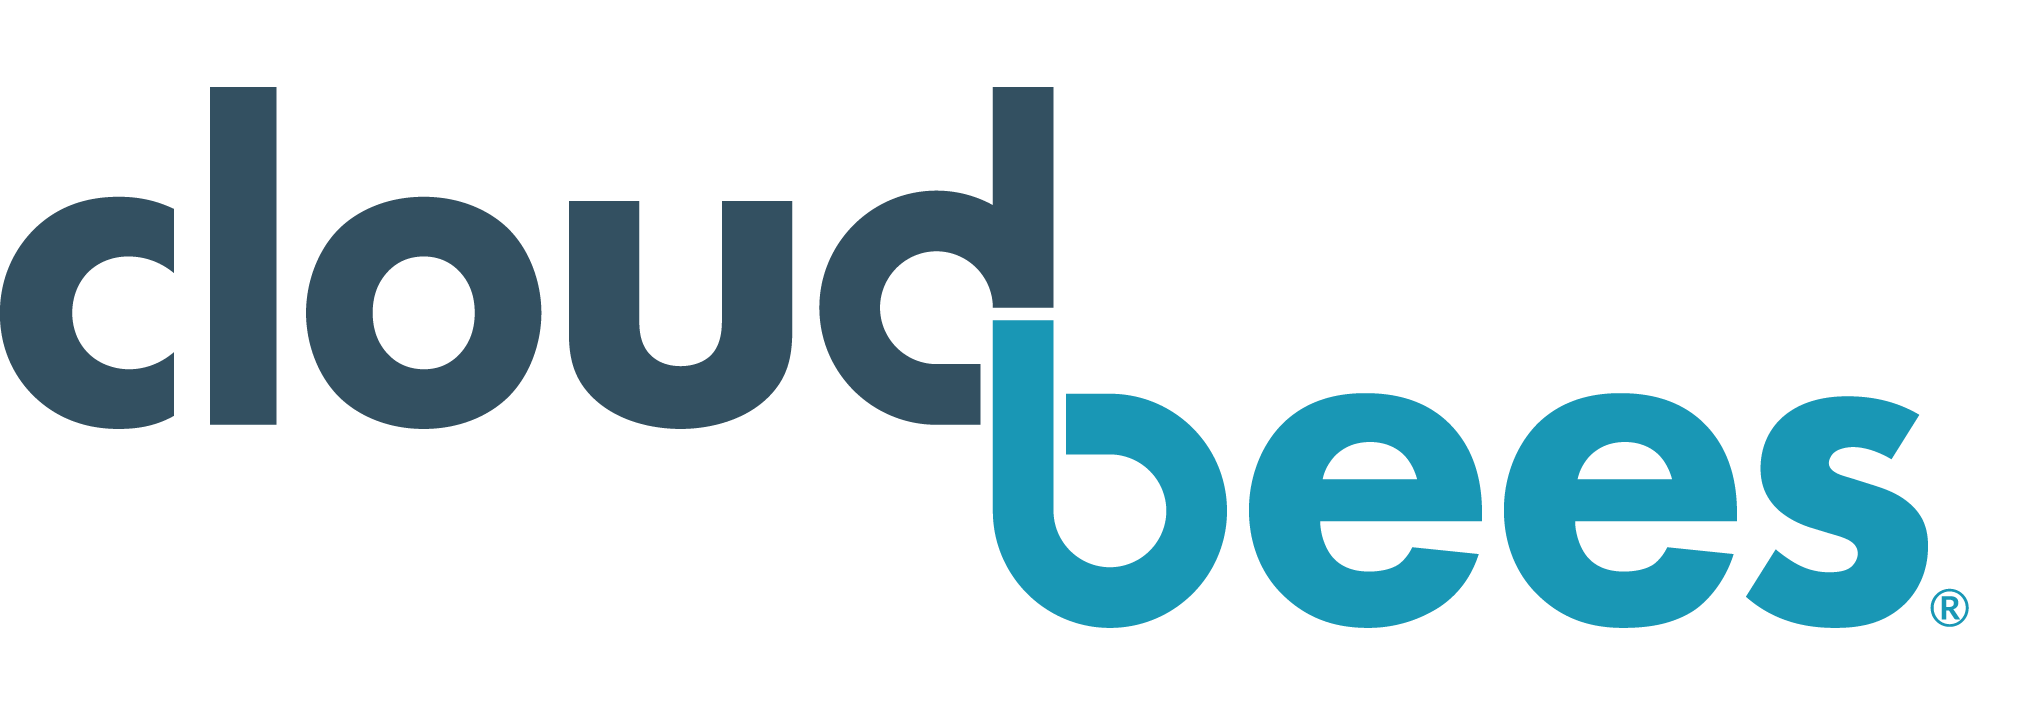 cloudbees